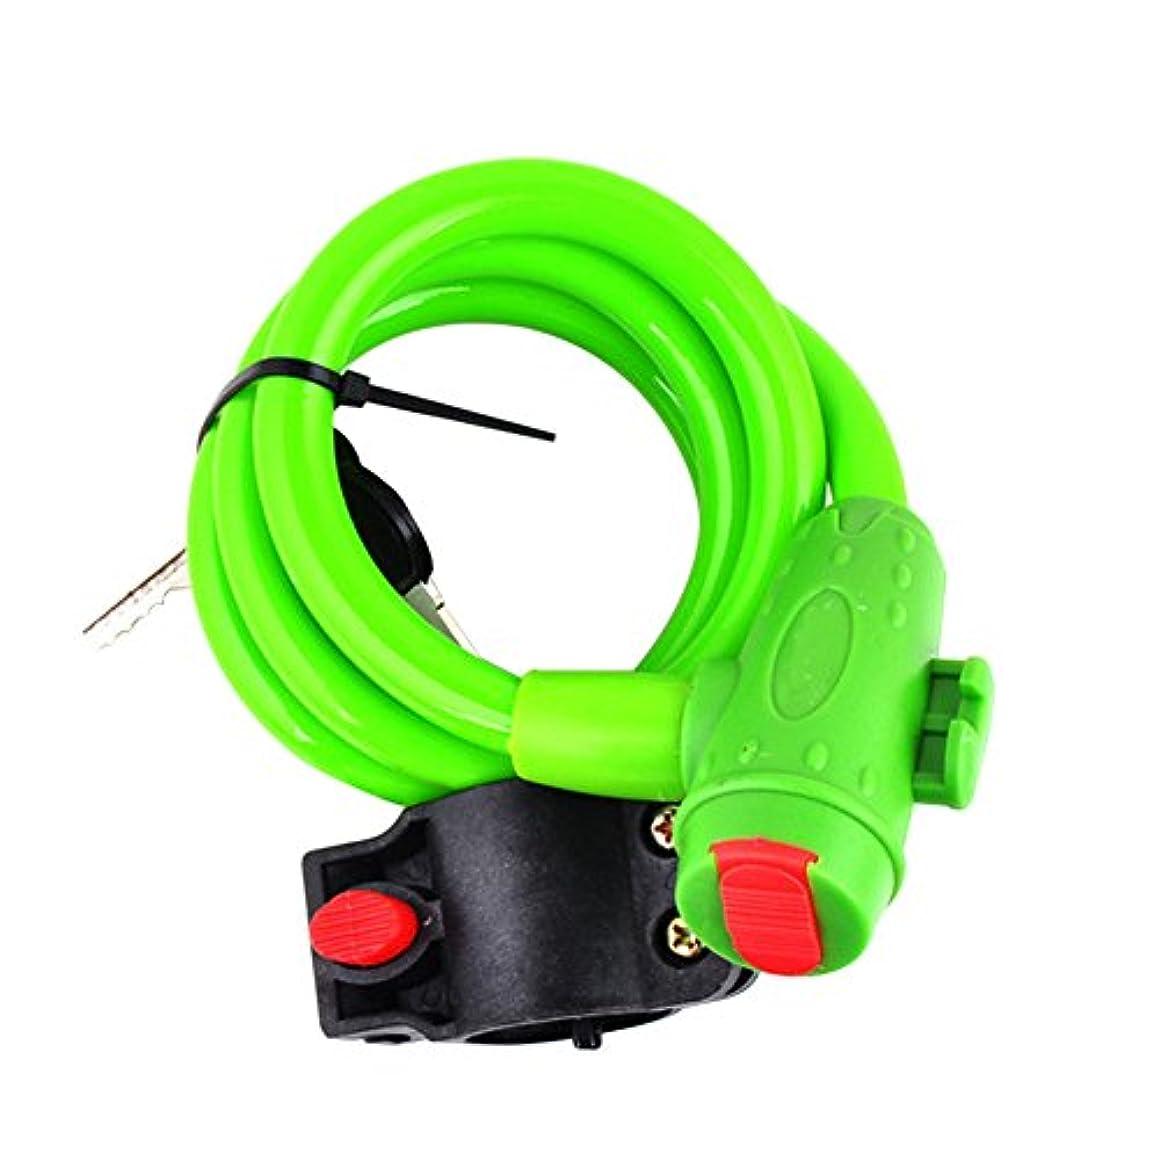 ケープ素晴らしさピケgawebユニバーサル5色自転車バイクサイクリングセキュリティ盗難防止スパイラルケーブルロック